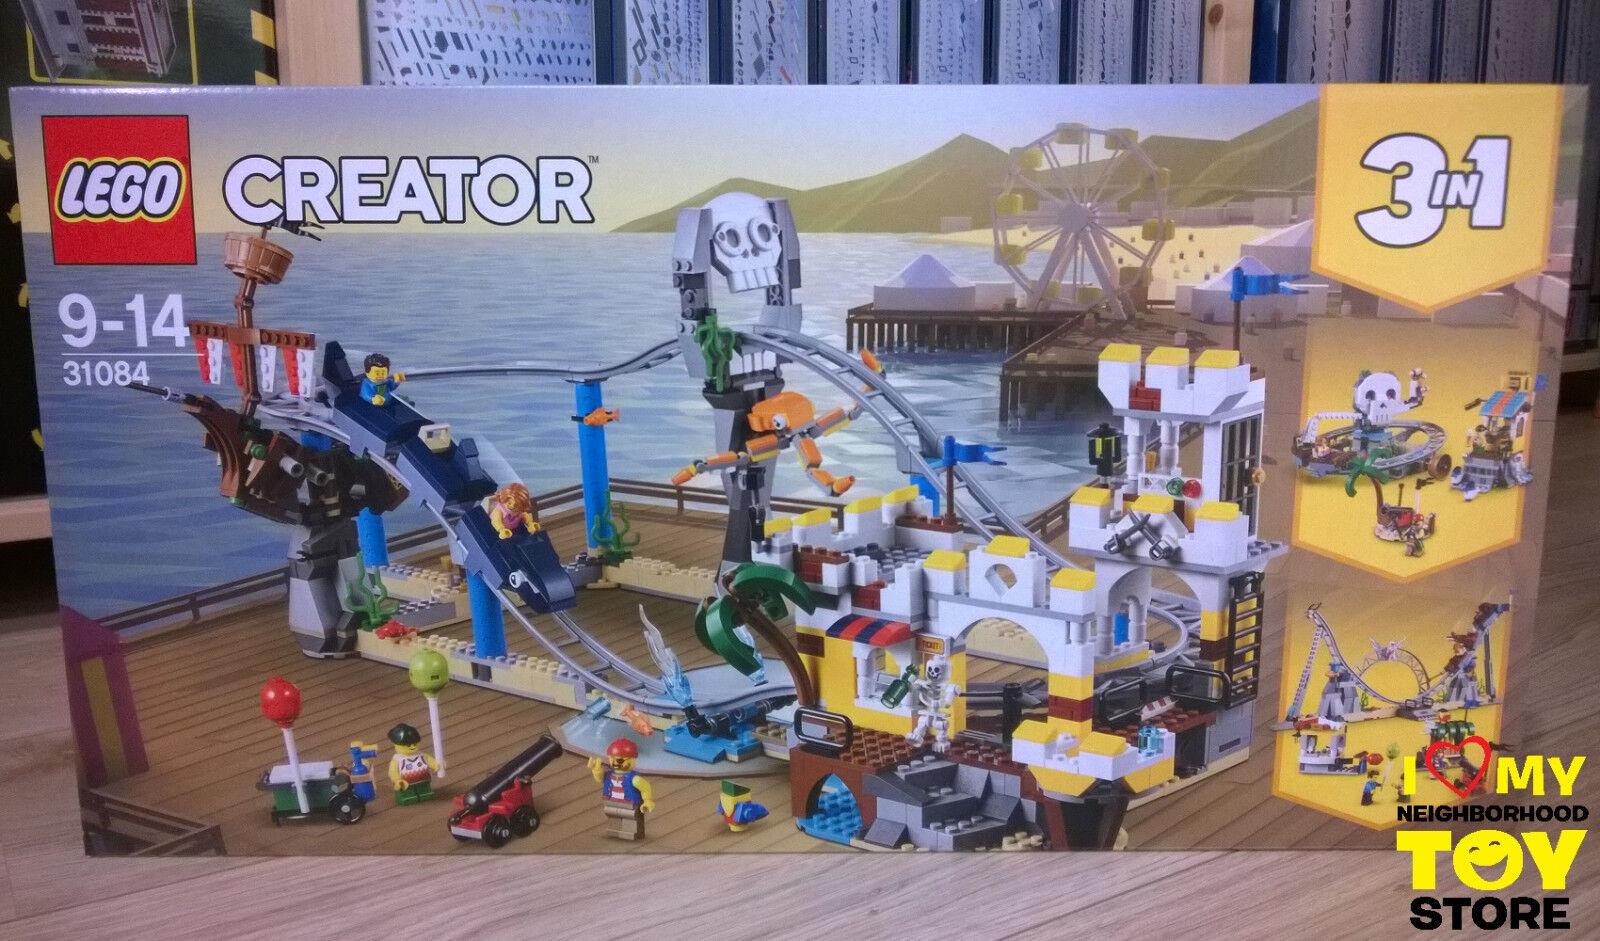 Lego Creator 1 31084 Stock Roller In Pirate 3 yOv8n0mNwP